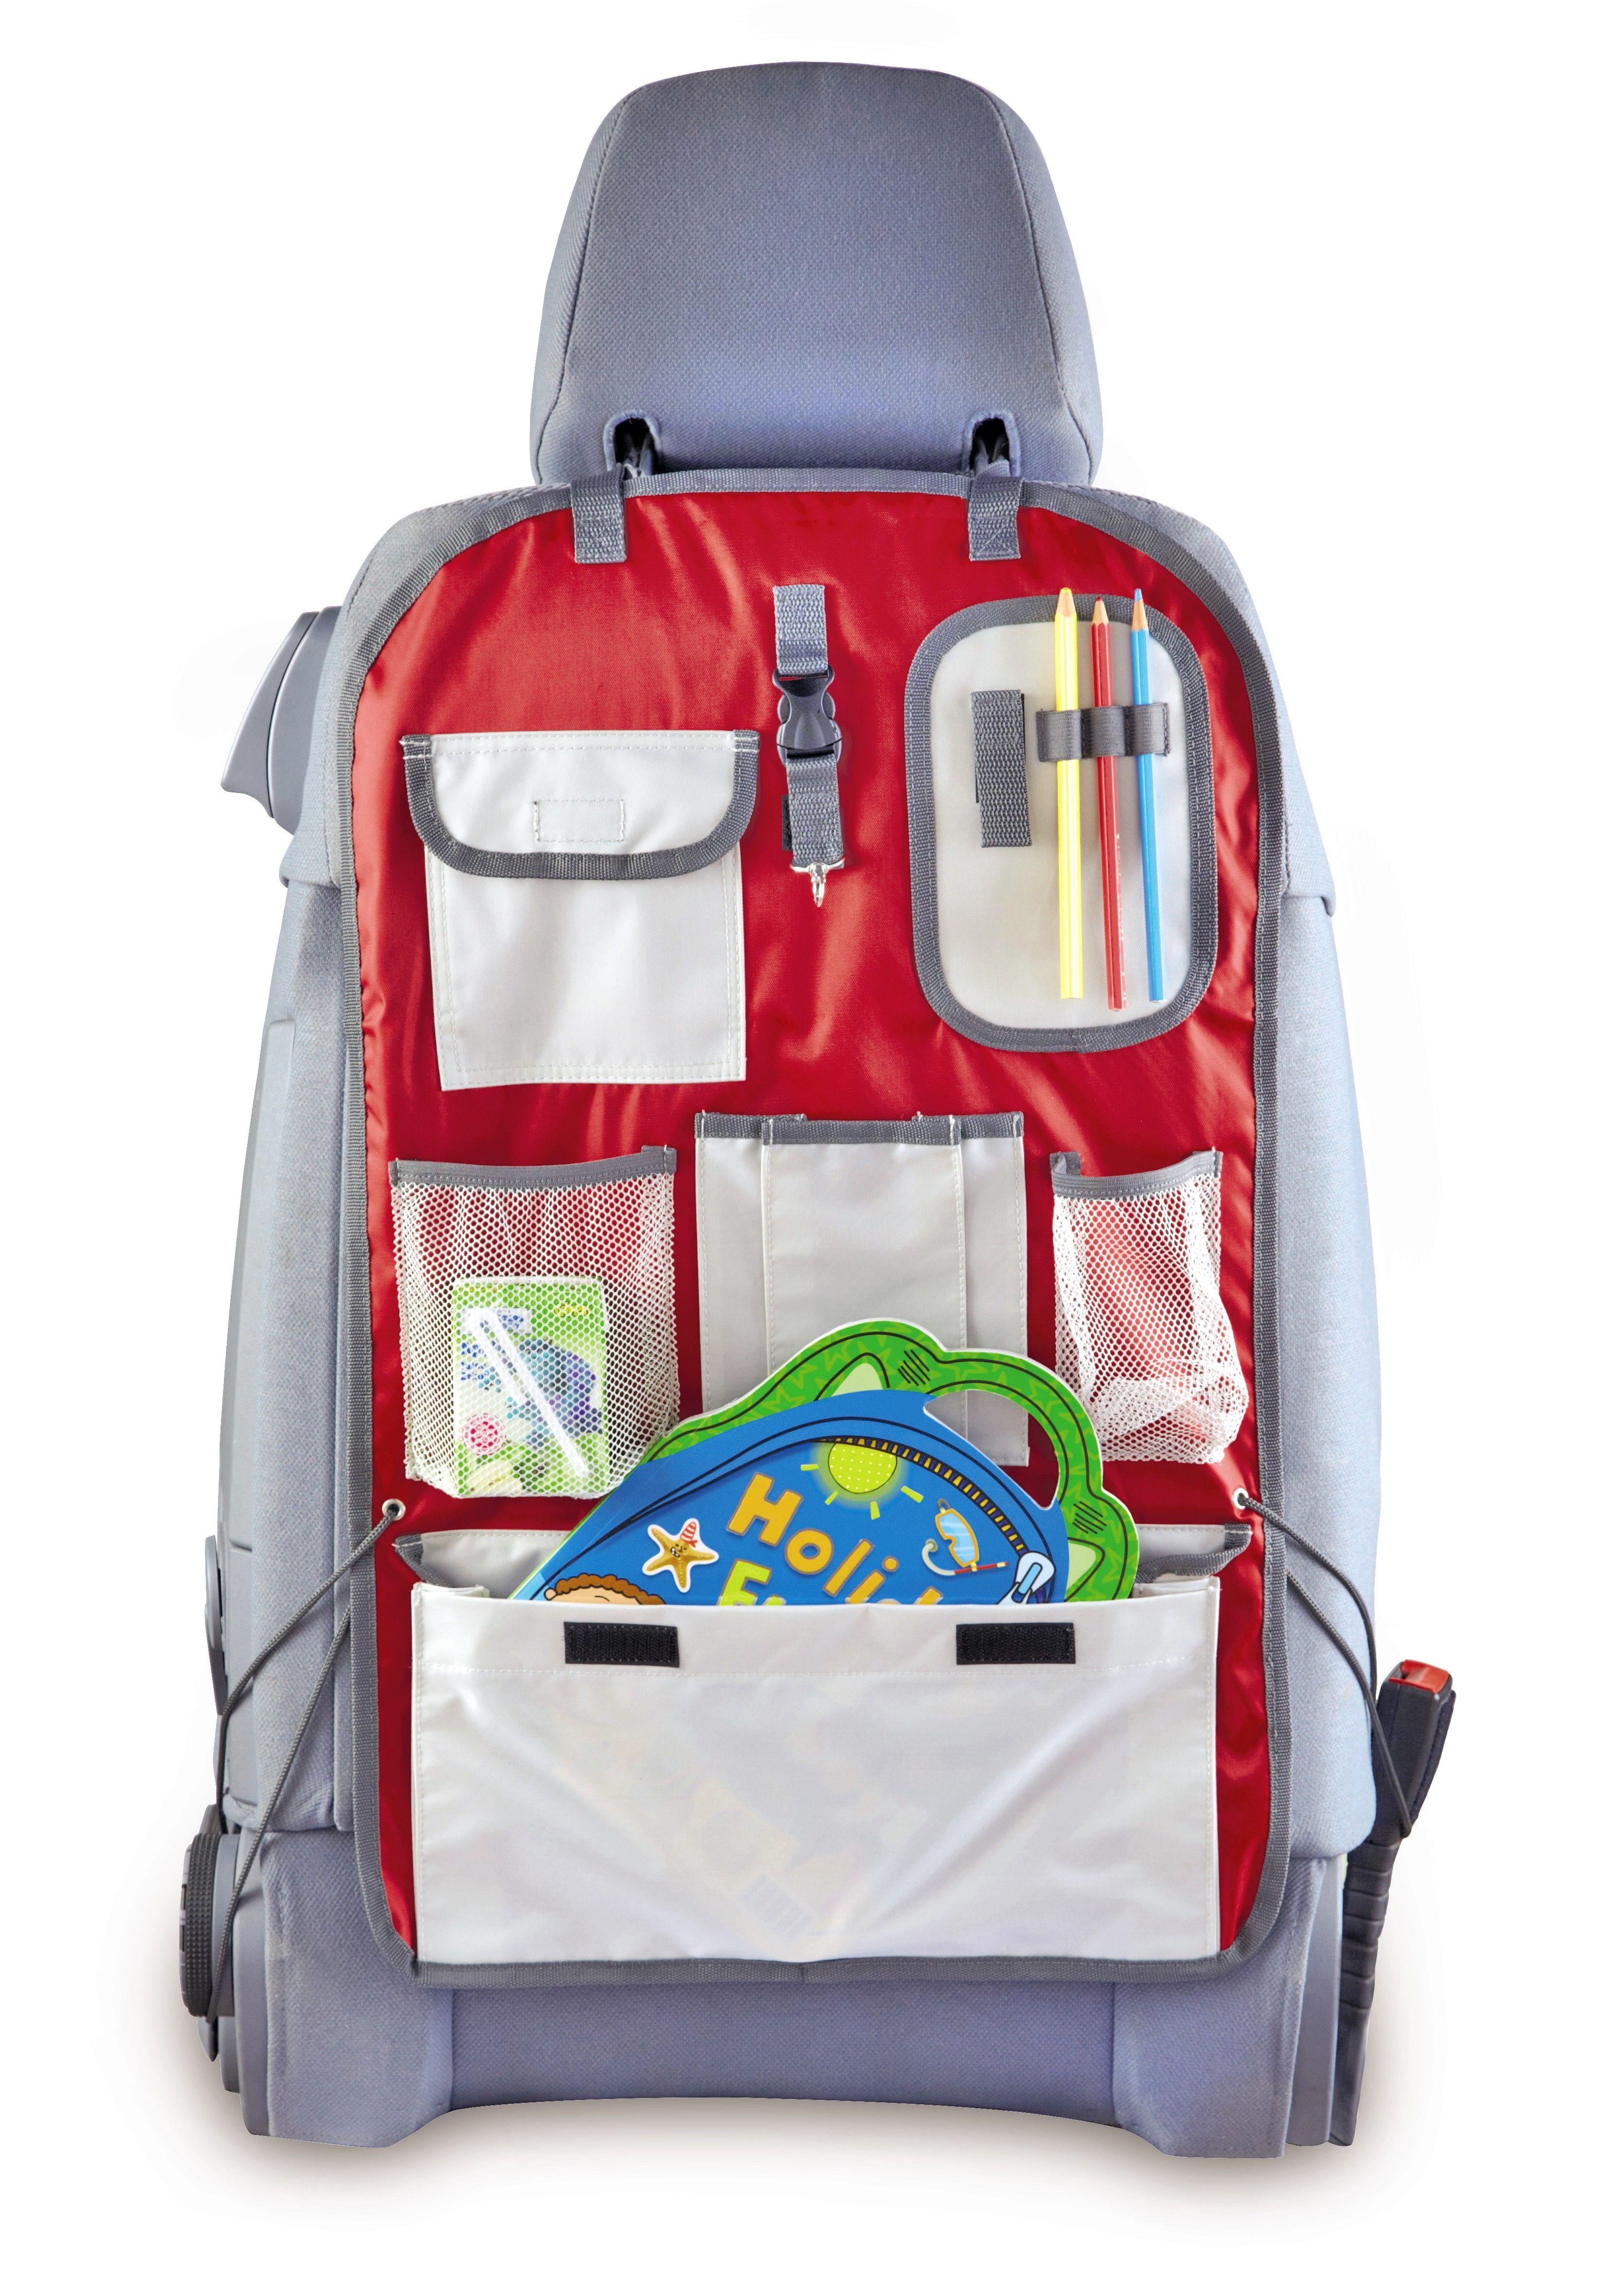 Car Seat Organiser #TravelEssentials #Specialbuys #win   Aldi Travel ...